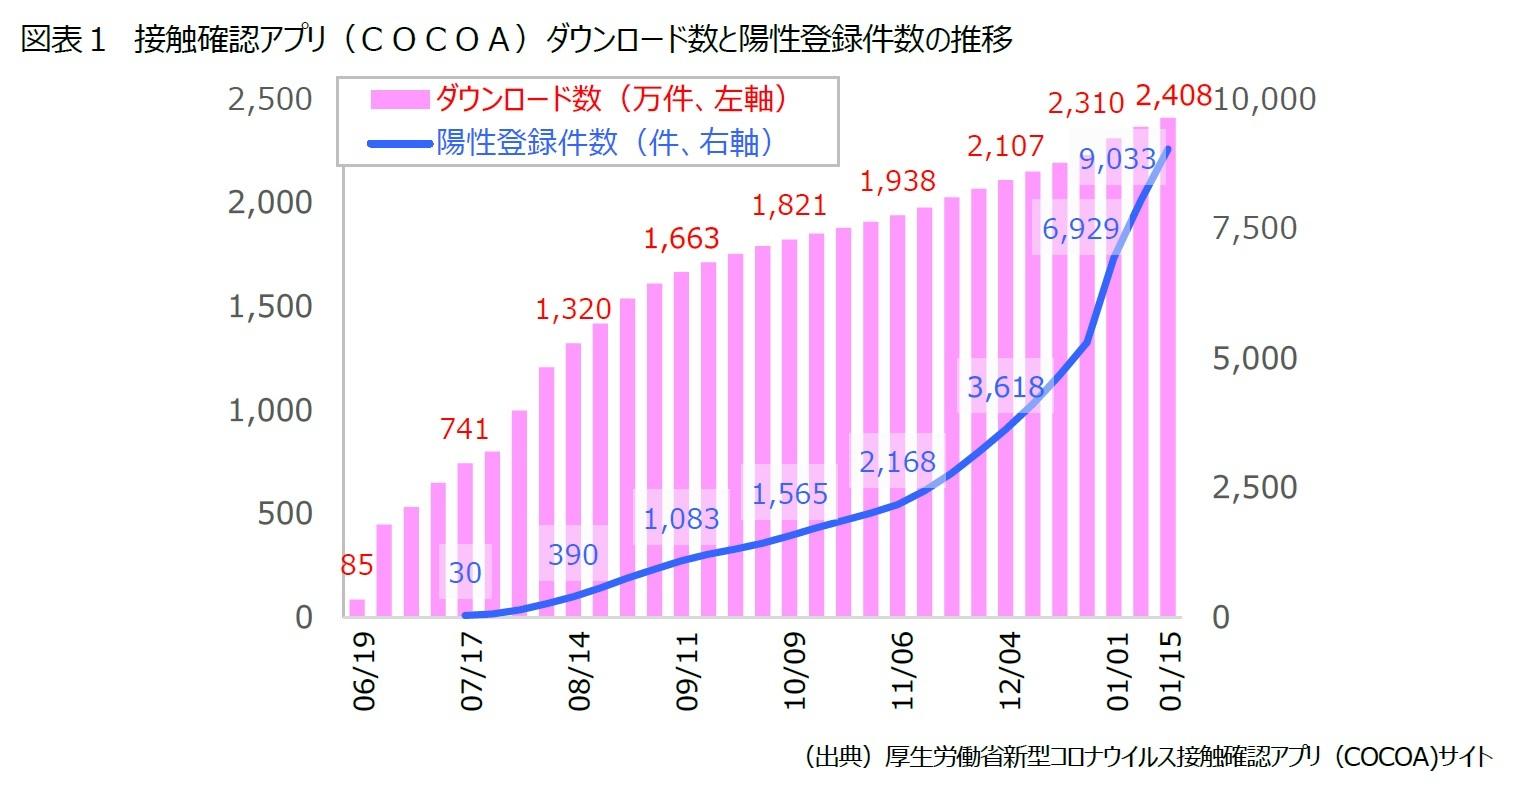 登録 数 Cocoa COCOAのダウンロード数は7月末までに約1,000万件に到達〜陽性登録者は76人